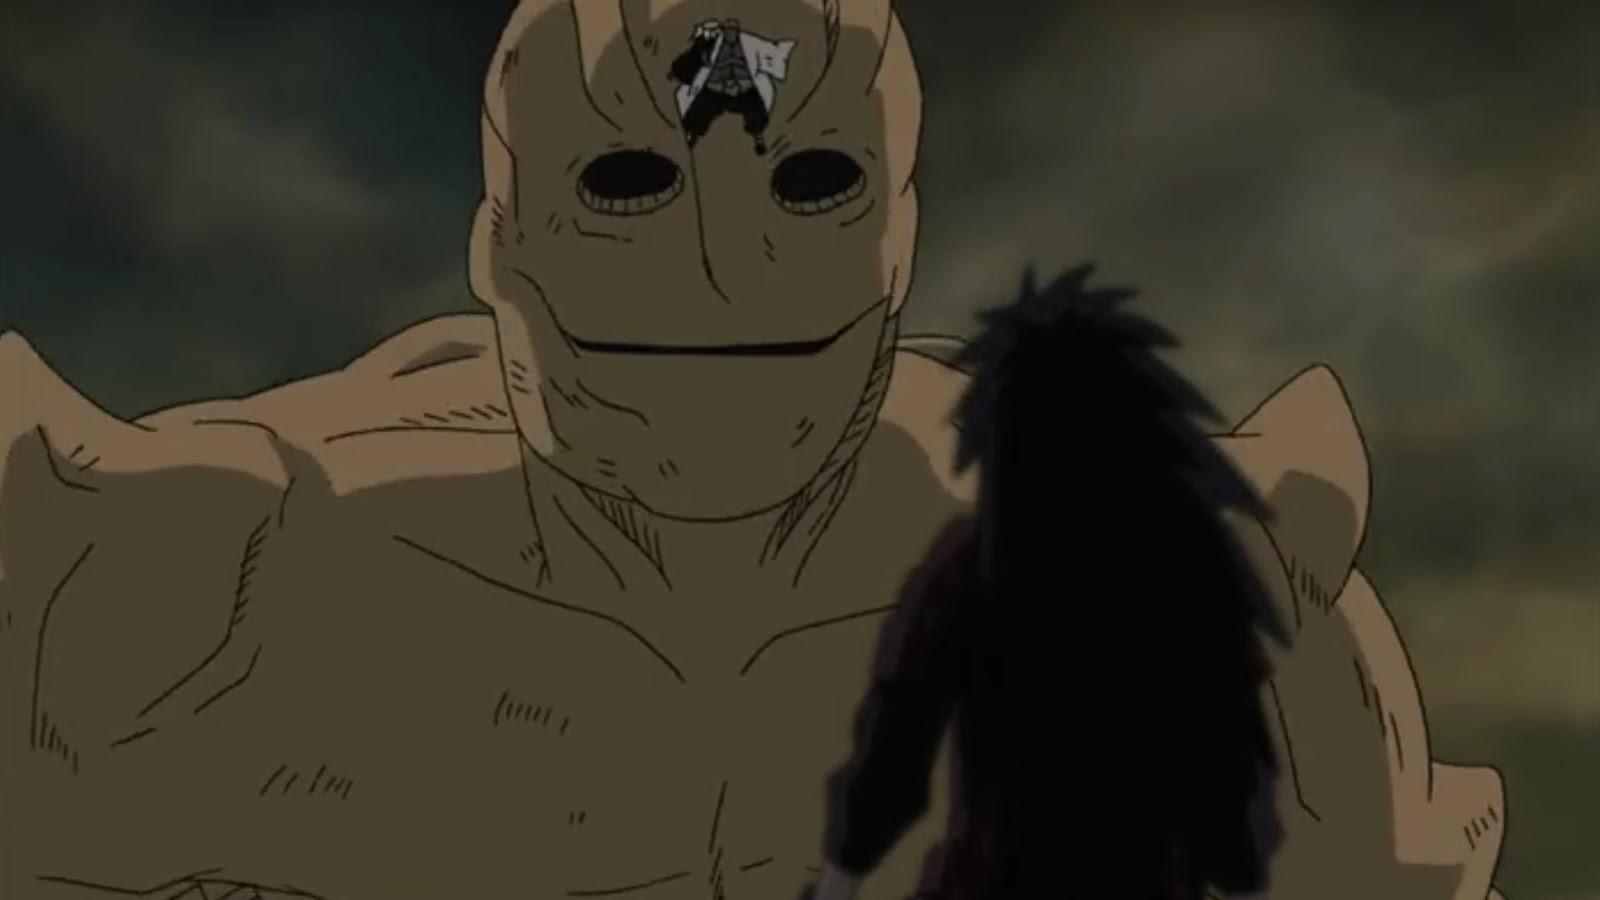 Naruto Shippuden Episódio 332, Assistir Naruto Shippuden Episódio 332, Assistir Naruto Shippuden Todos os Episódios Legendado, Naruto Shippuden episódio 332,HD